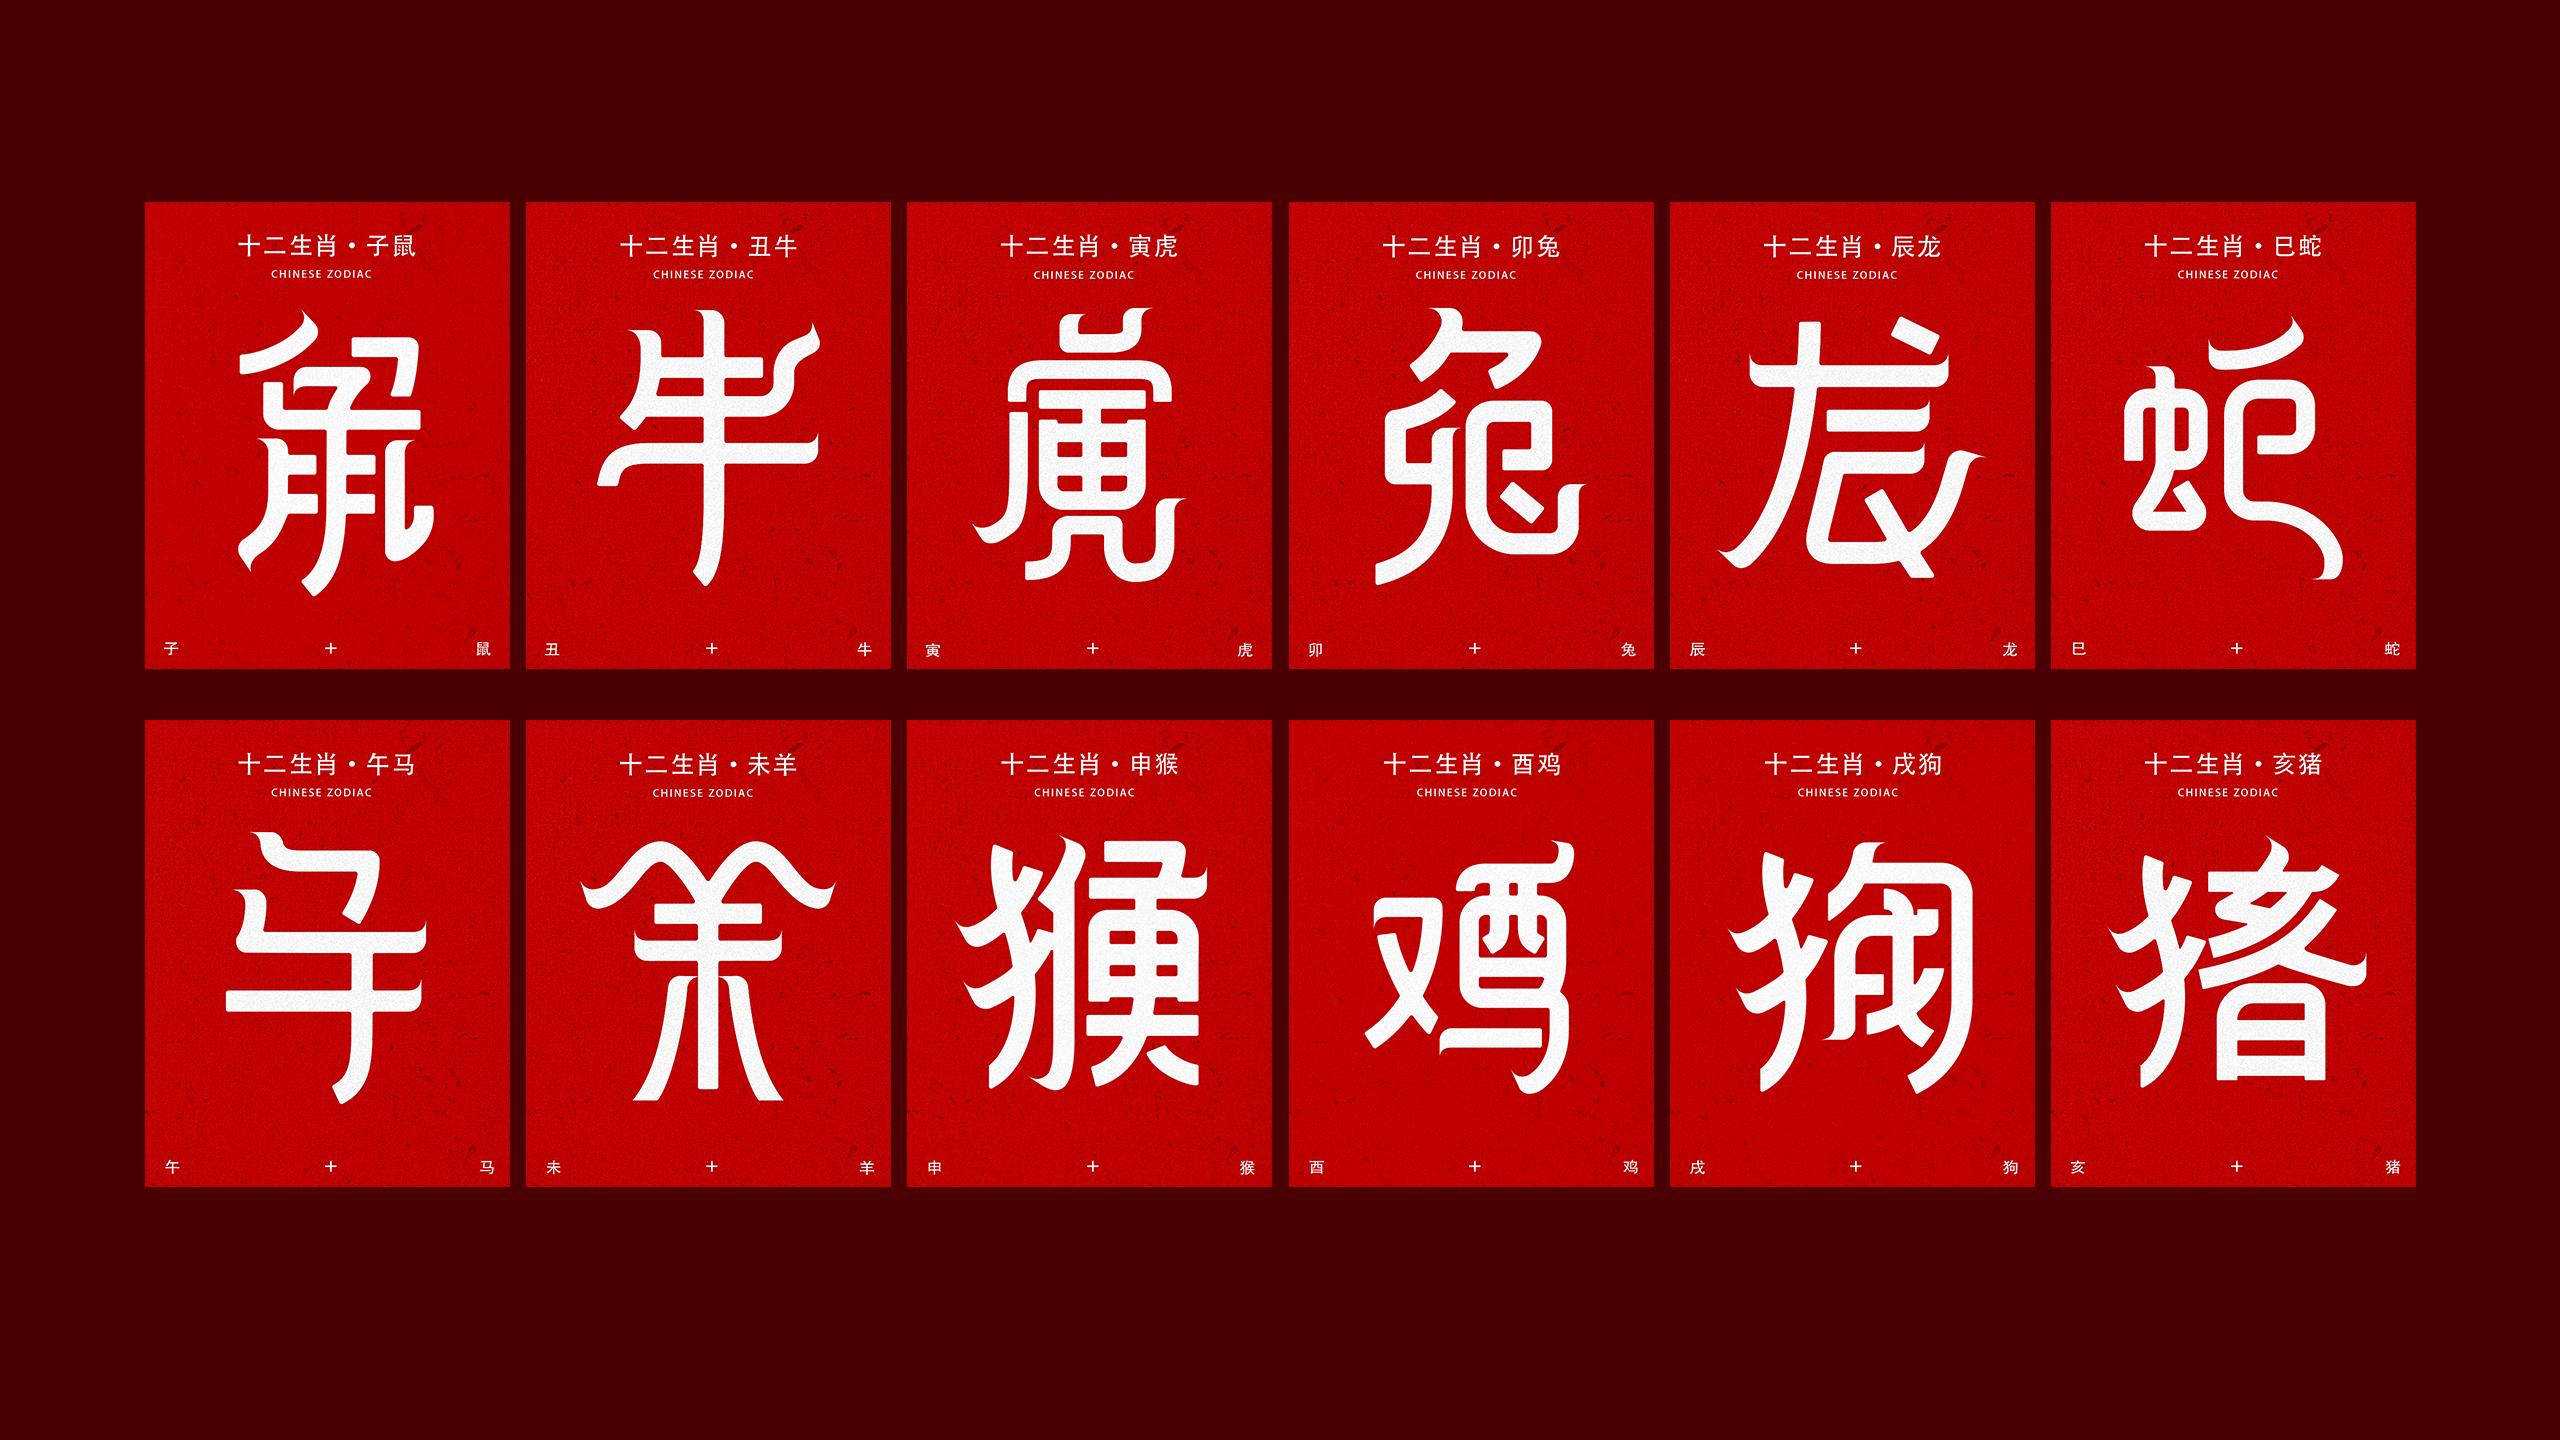 十二生肖_字体设计图片